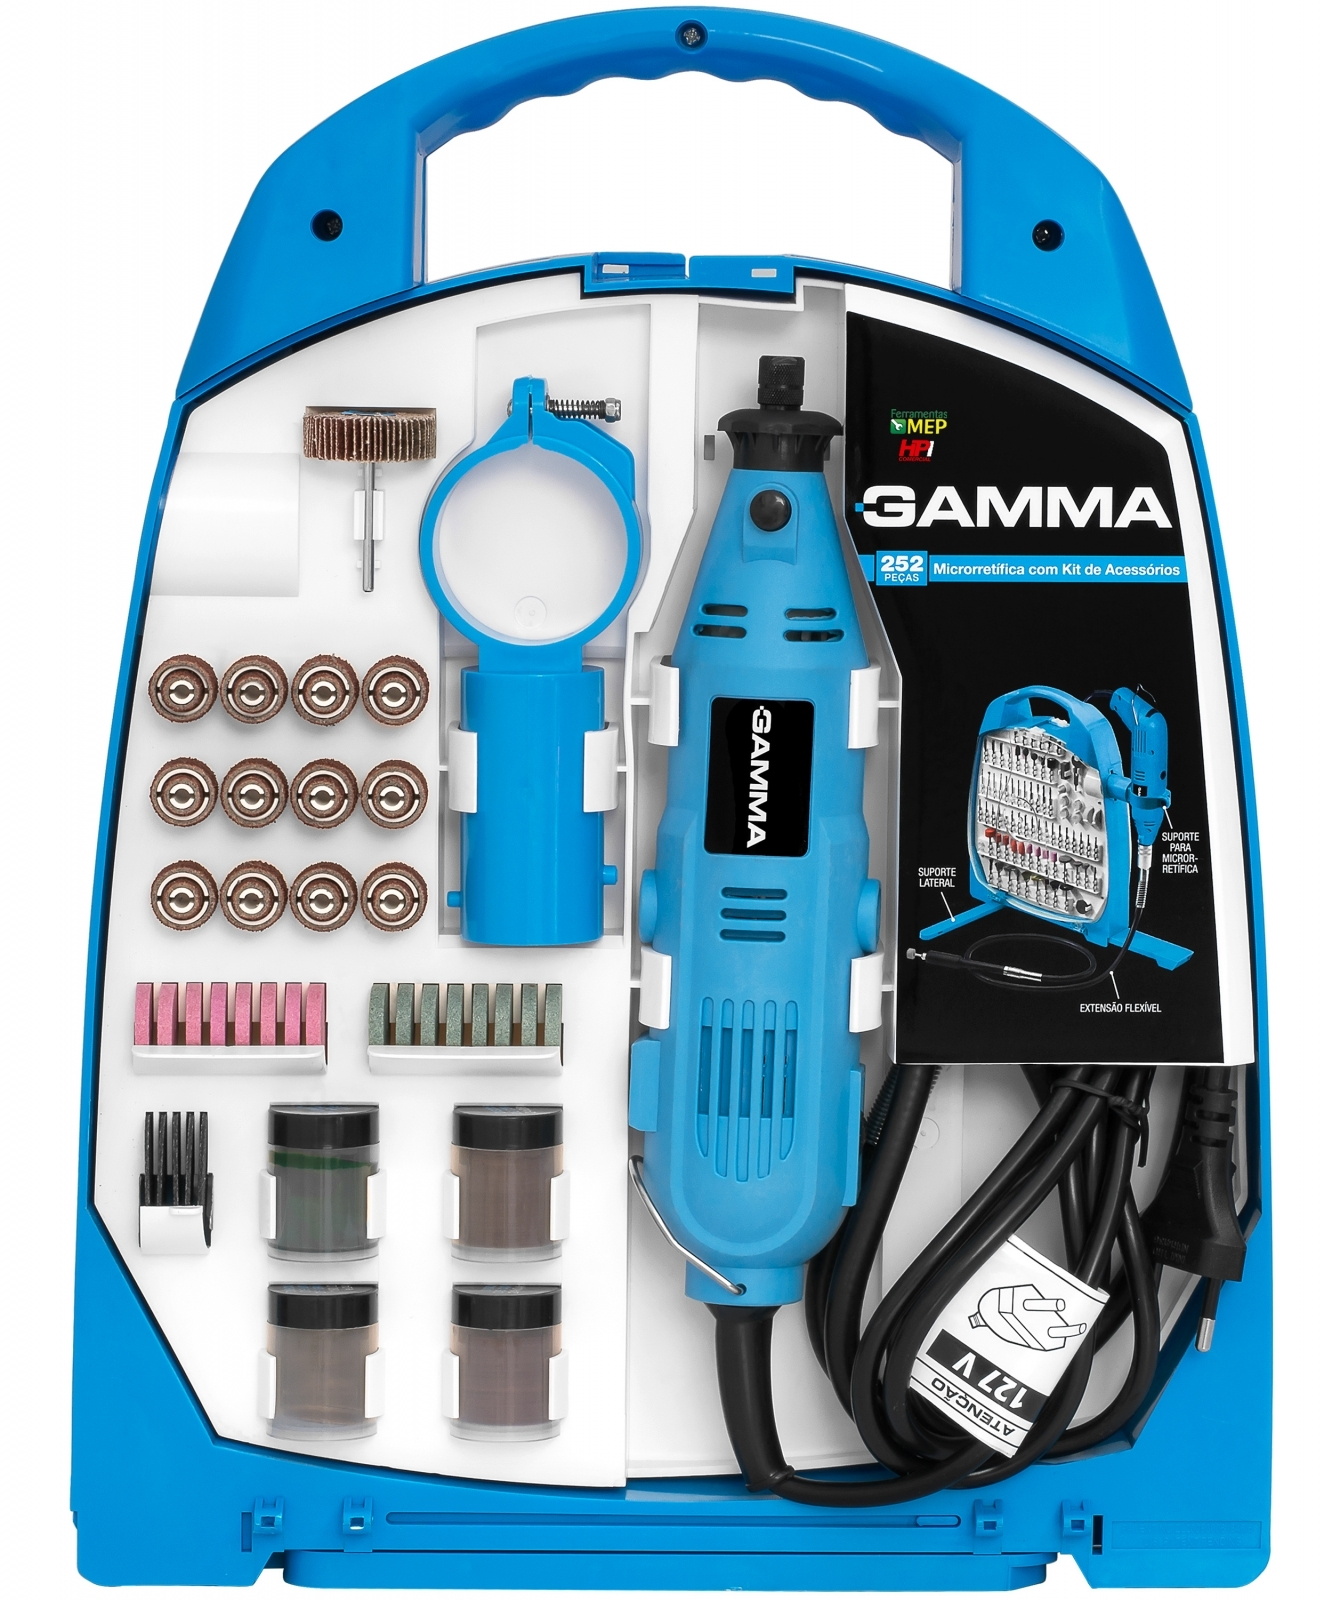 Micro Retífica Com Acessórios Gamma - G19502BR - 252 Peças - 130 watts Rg1 - Ferramentas MEP